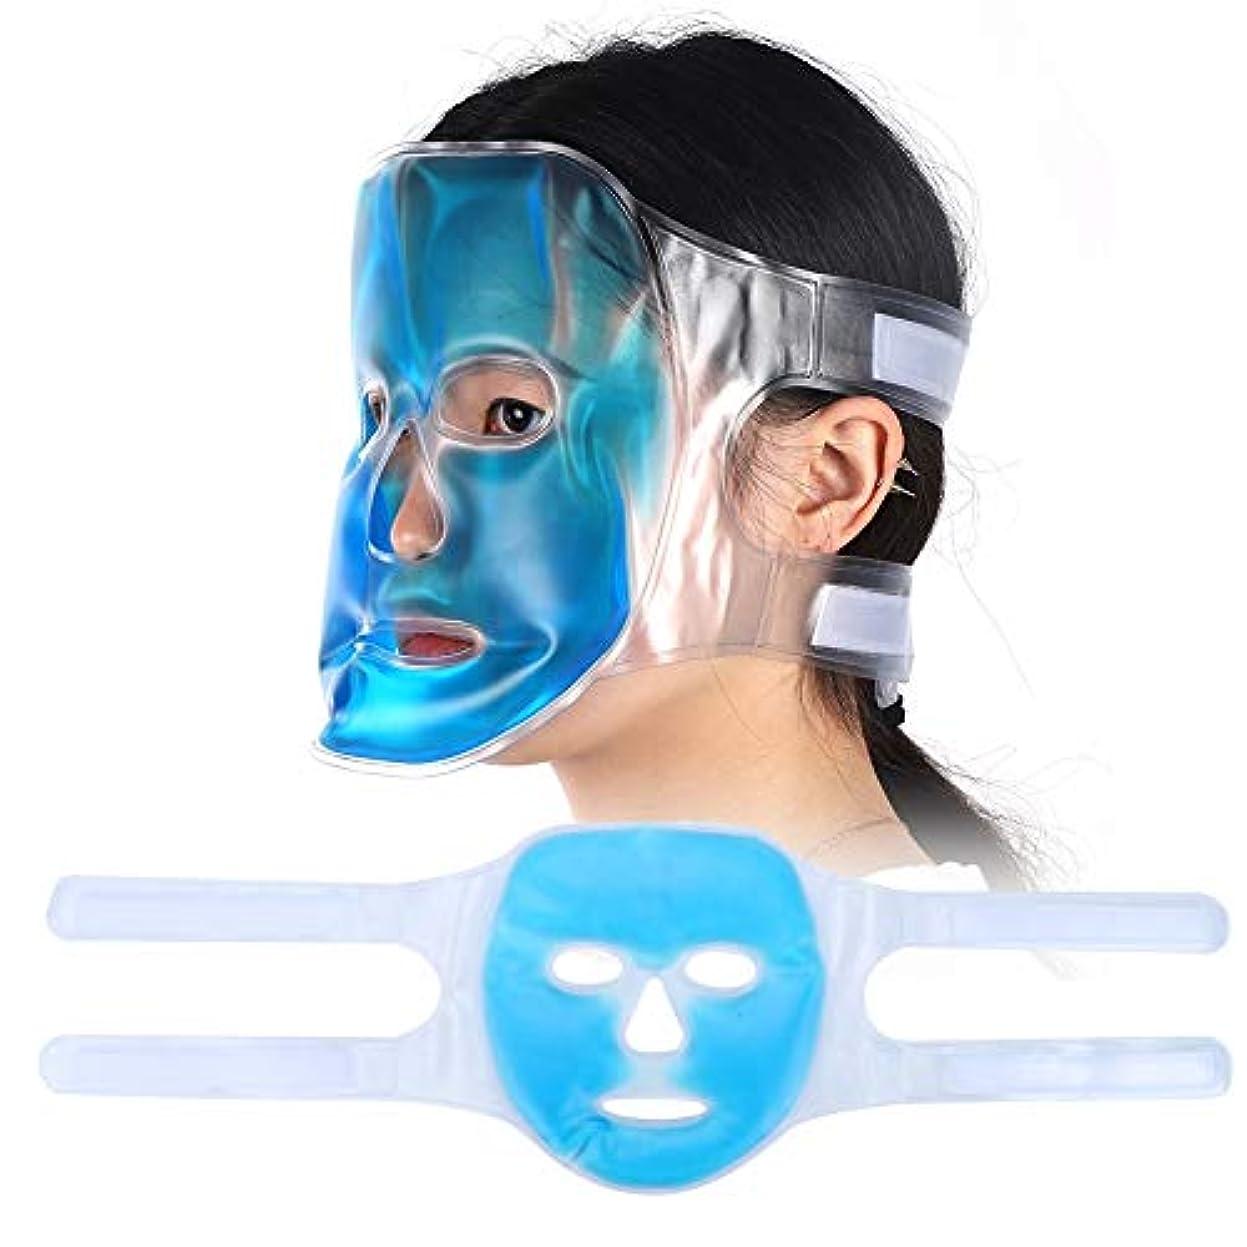 朝パドル質素な保湿 ジェルブルーフェイスマスク 疲労緩和 リラクゼーションフル フェイスクーリングマスク